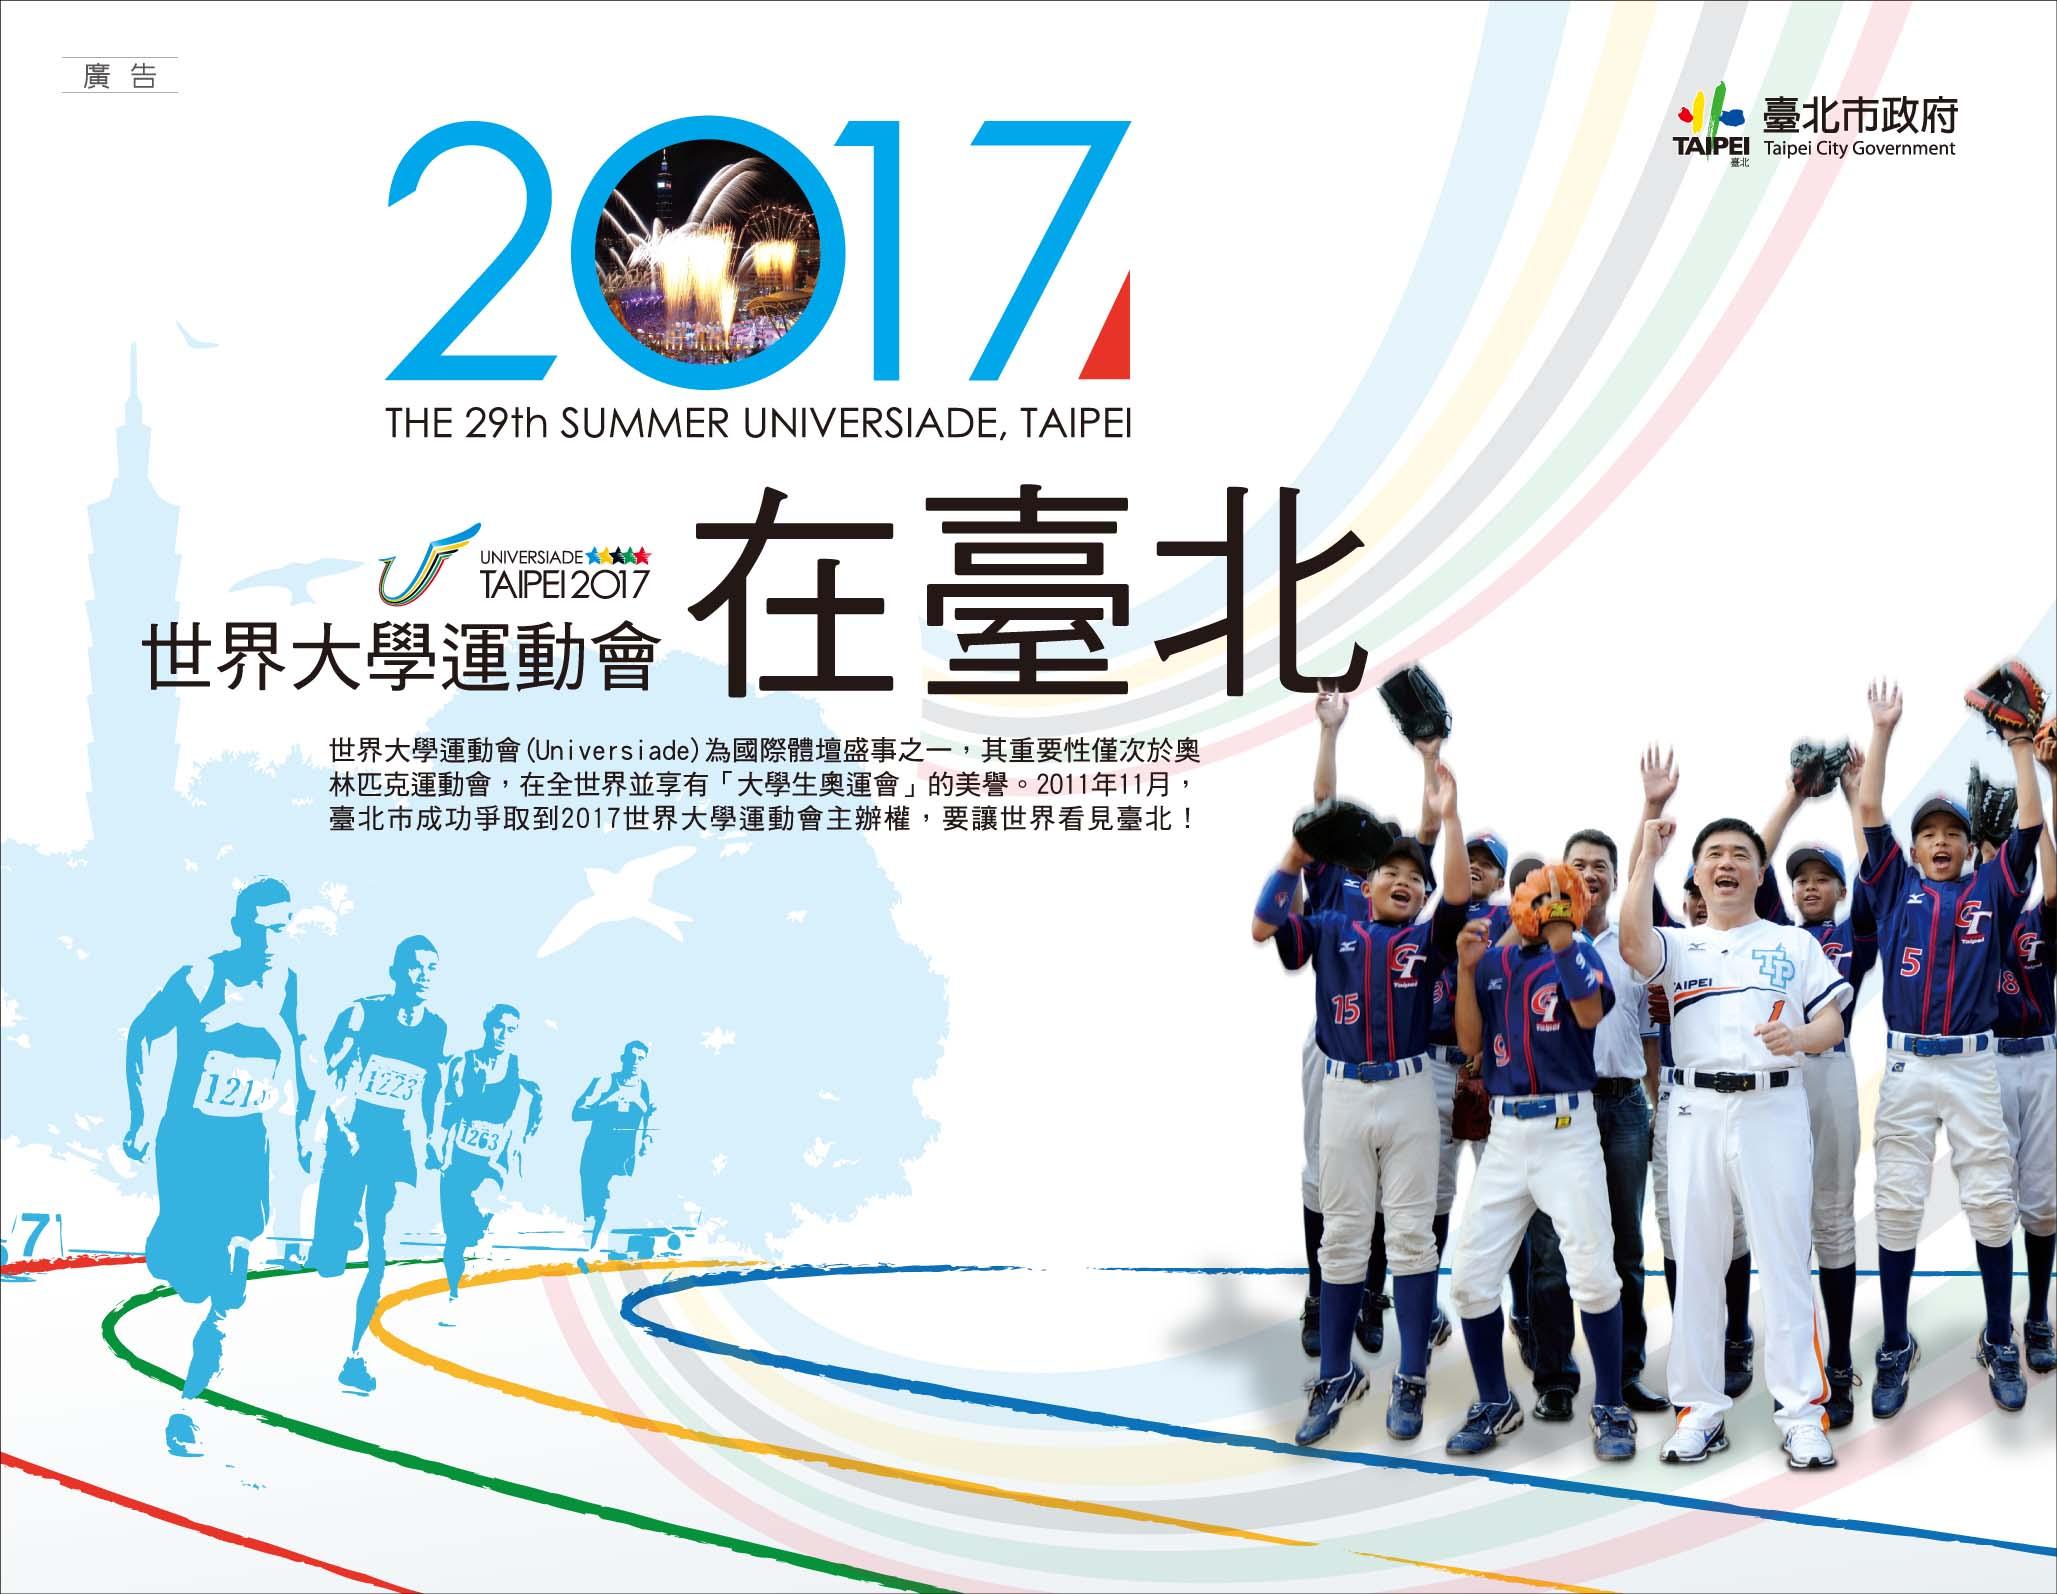 2017世界大學運動會-申辦成功